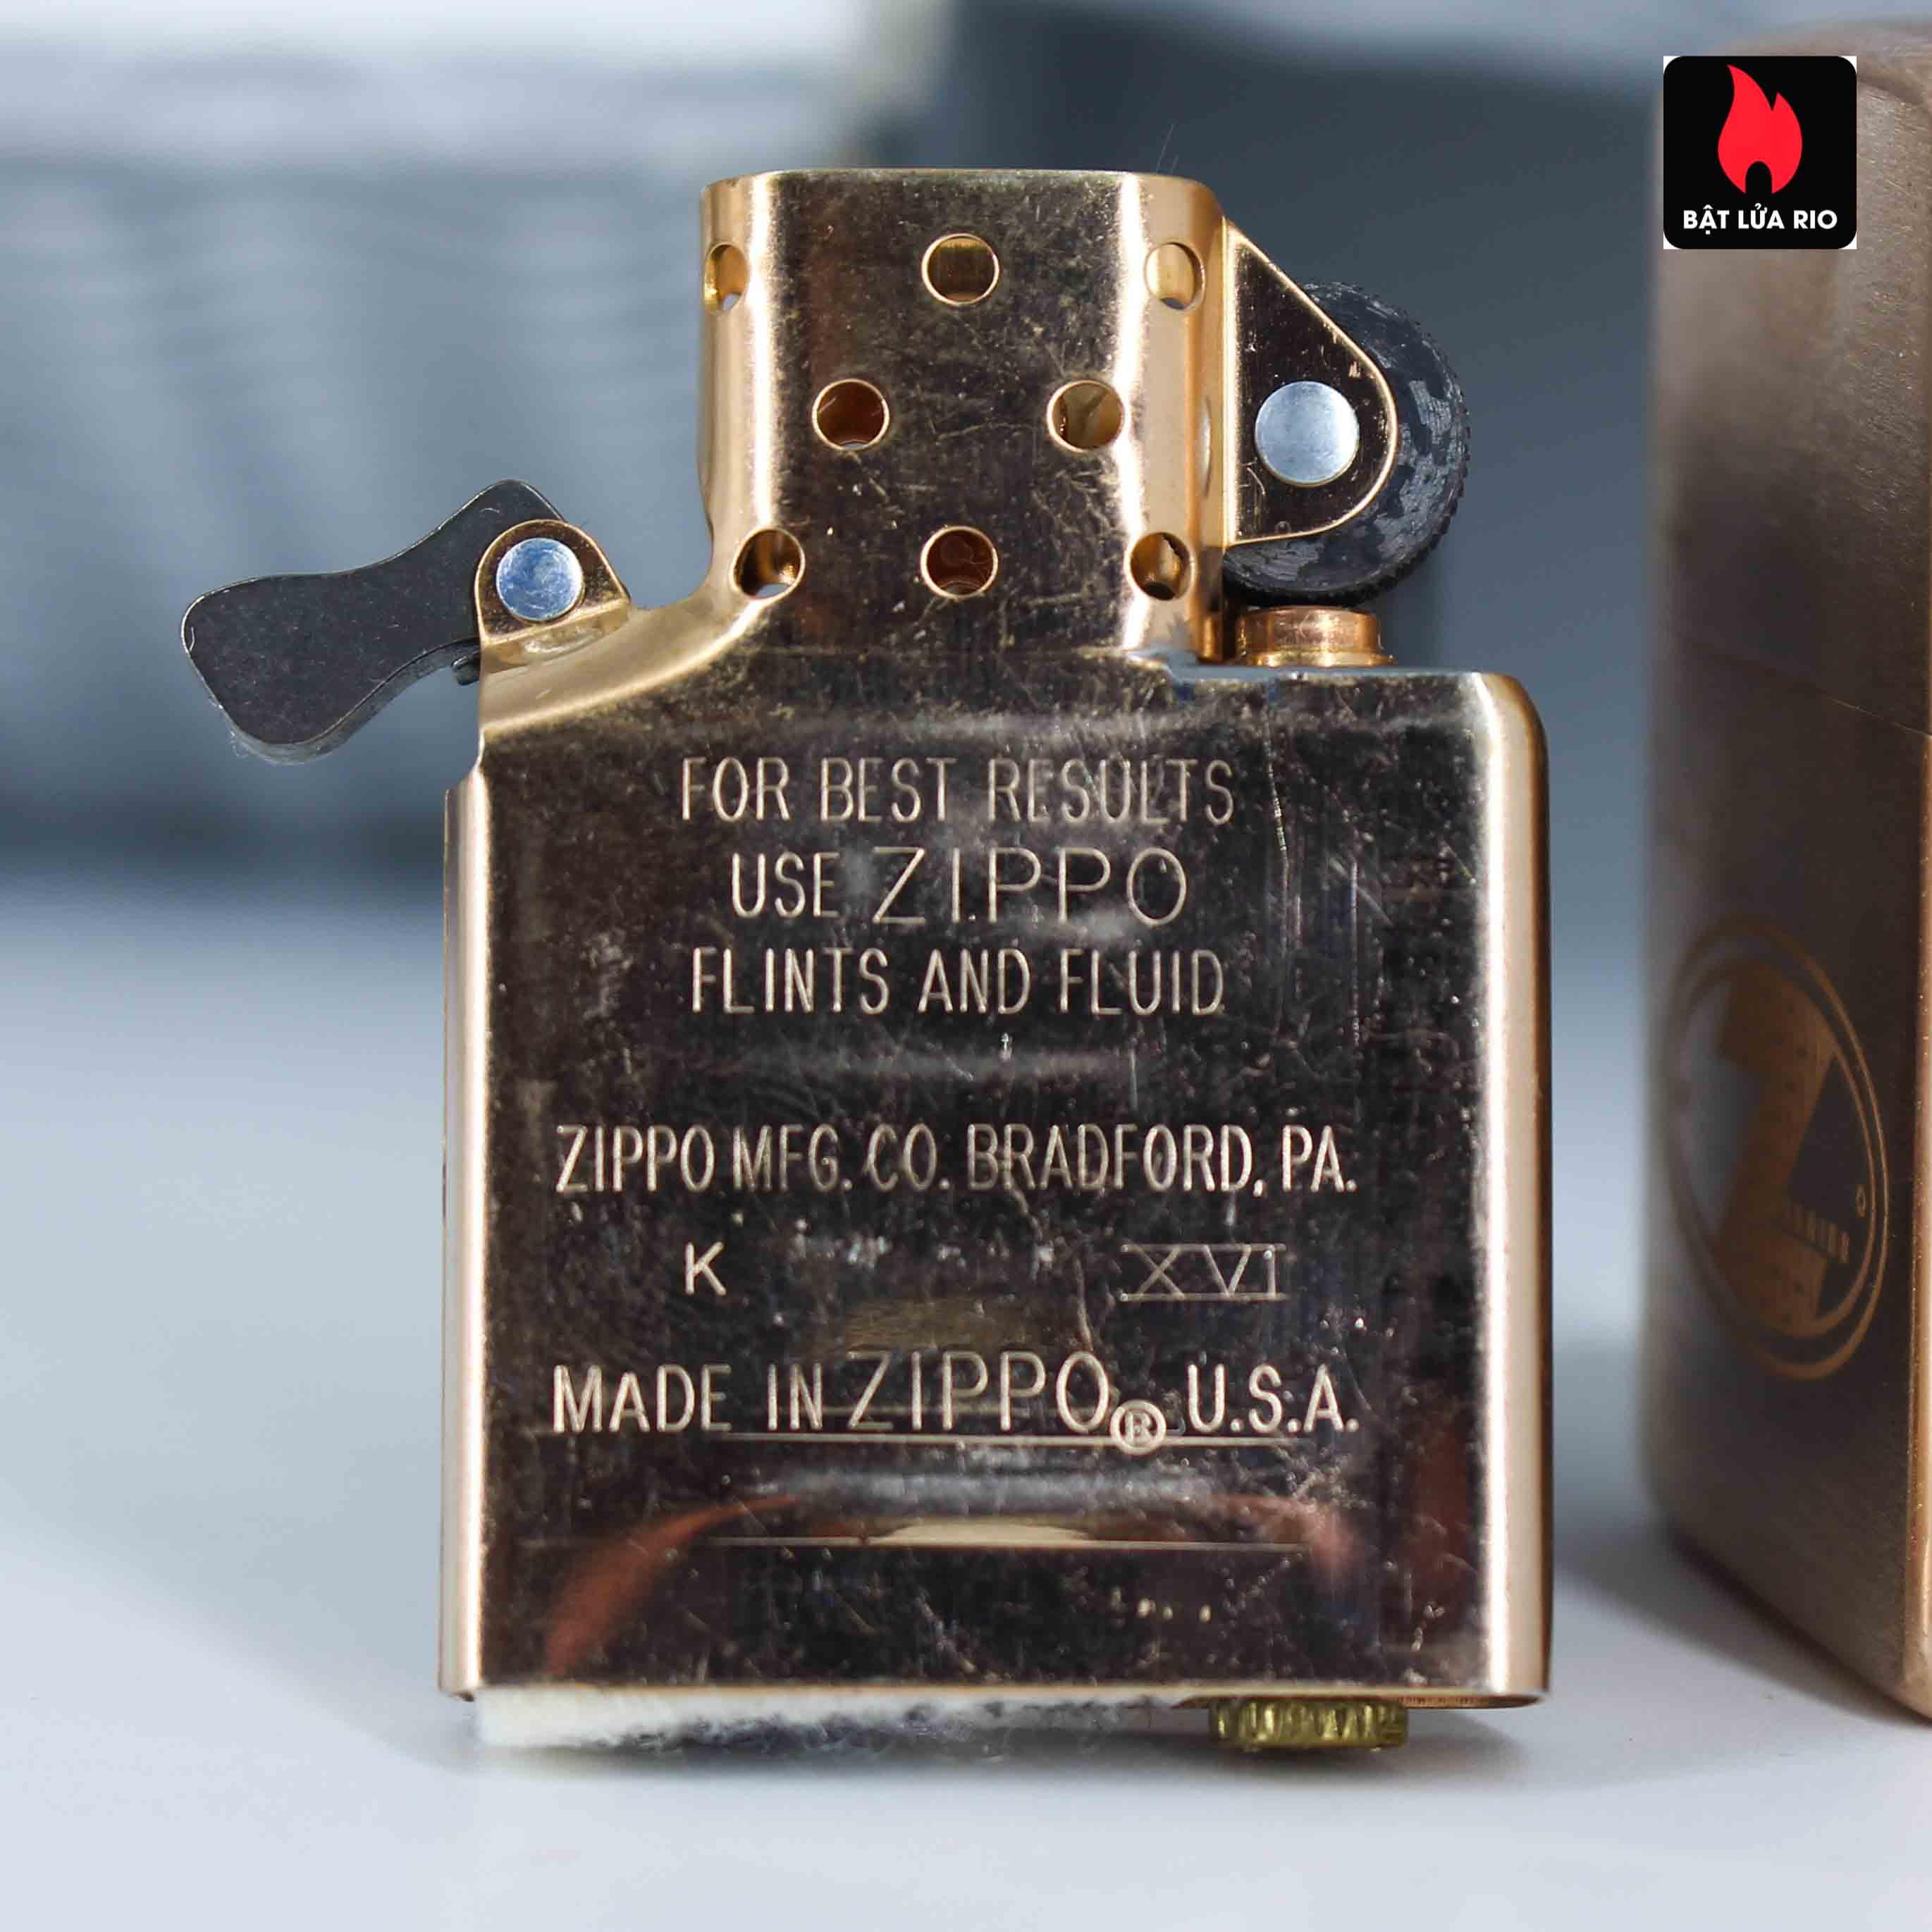 Zippo 2002 - Zippo Z-Series Copper Project - Click Member Edition 020/100 5